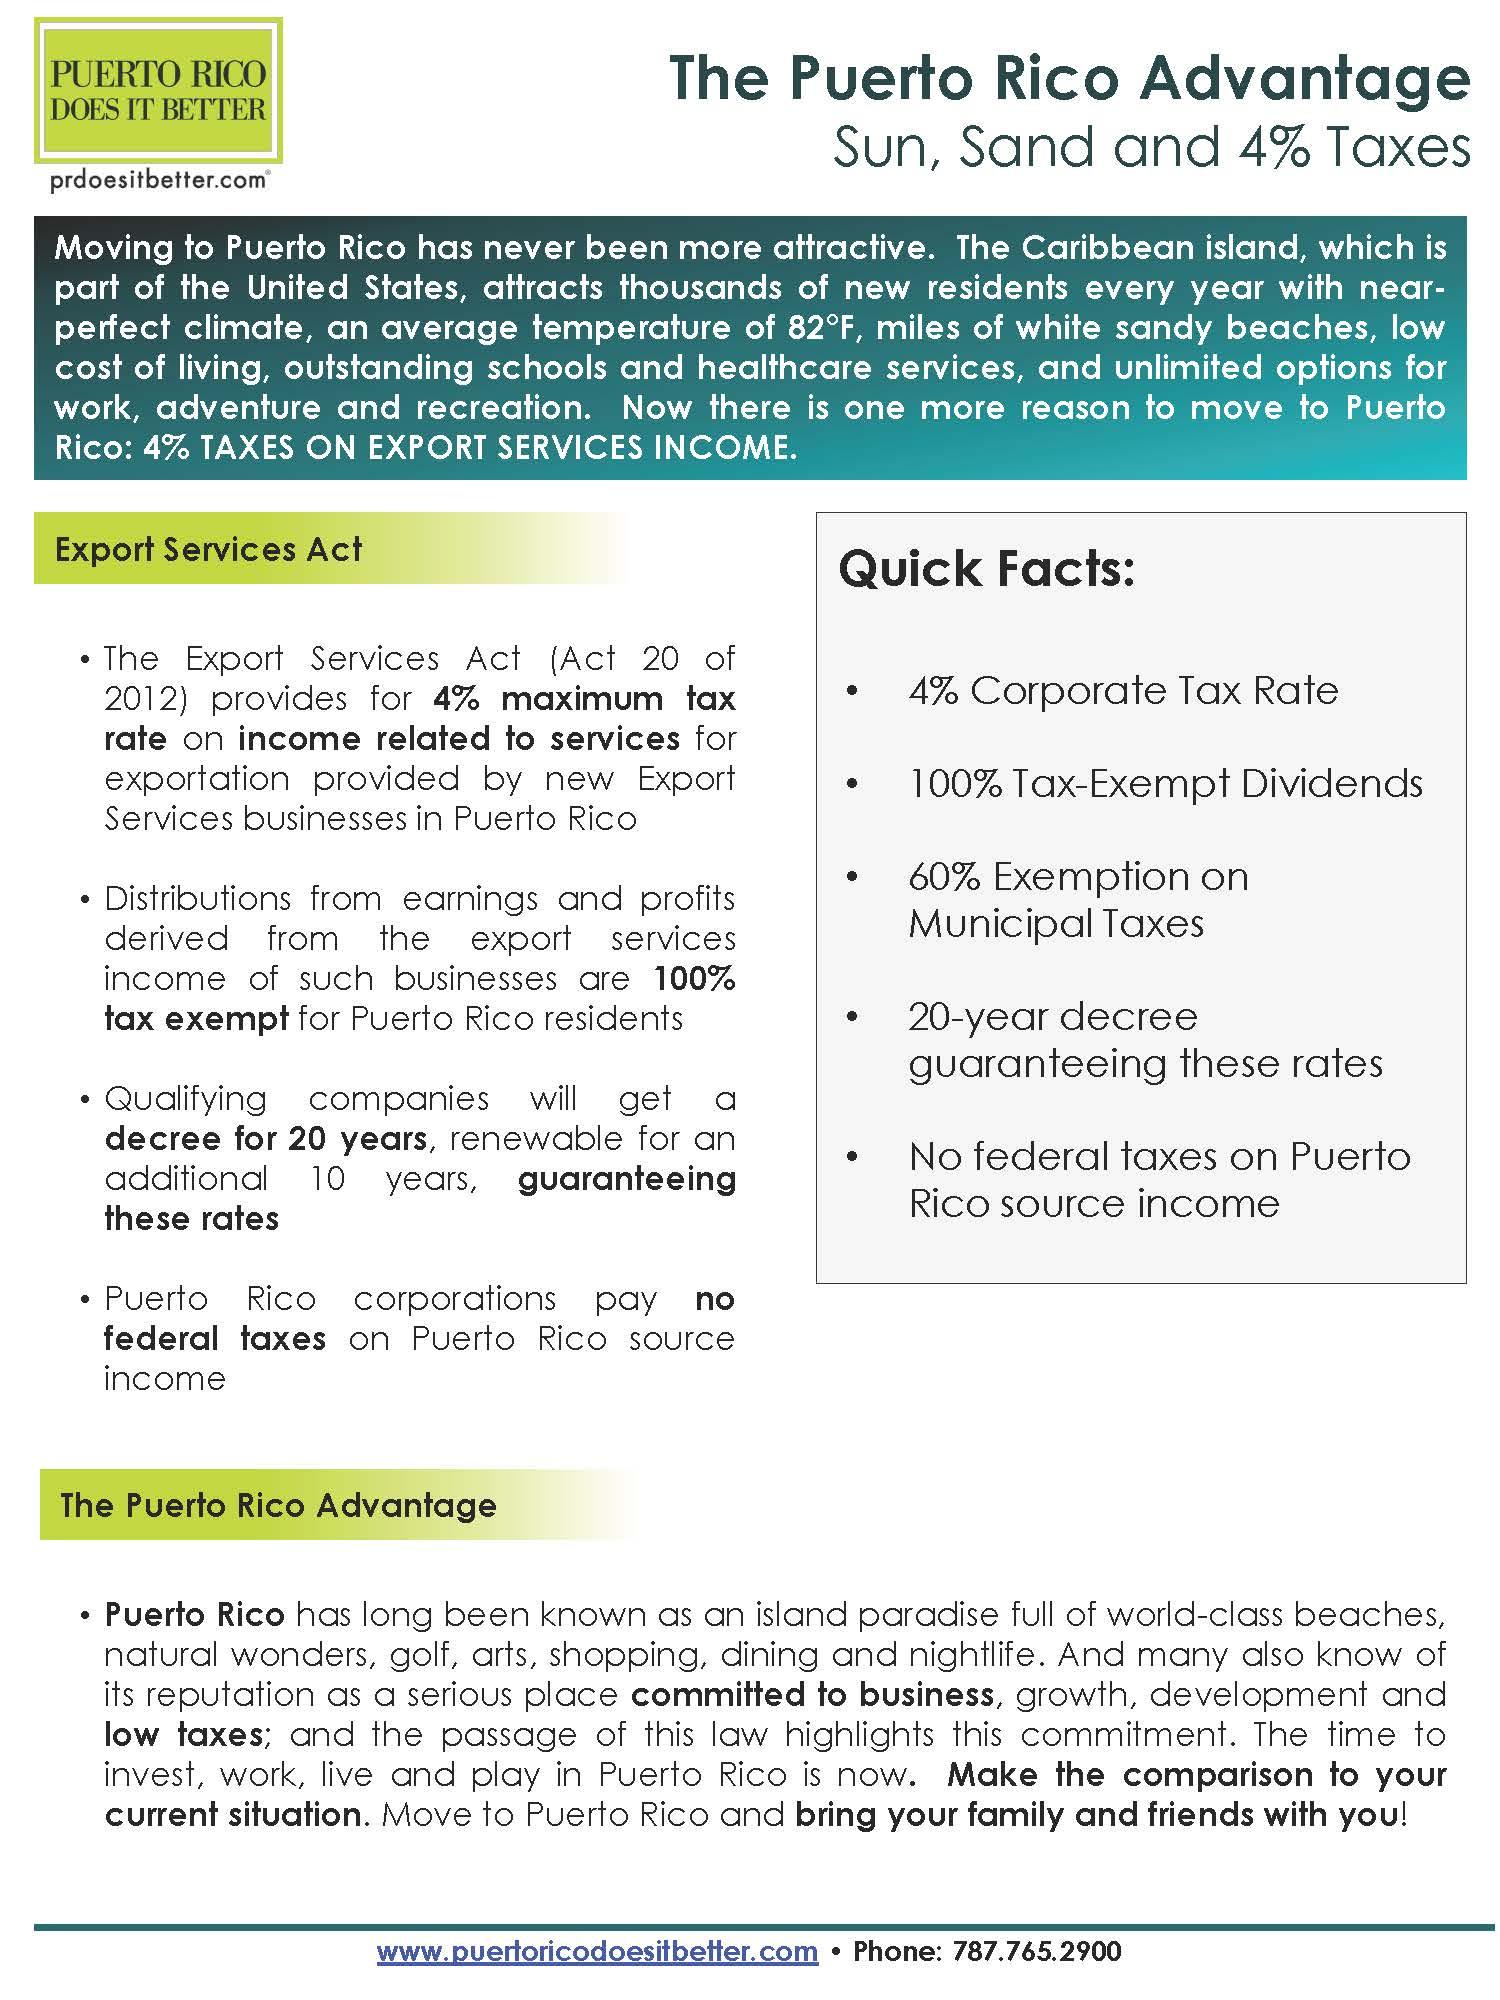 Act 20 - Fact Sheet